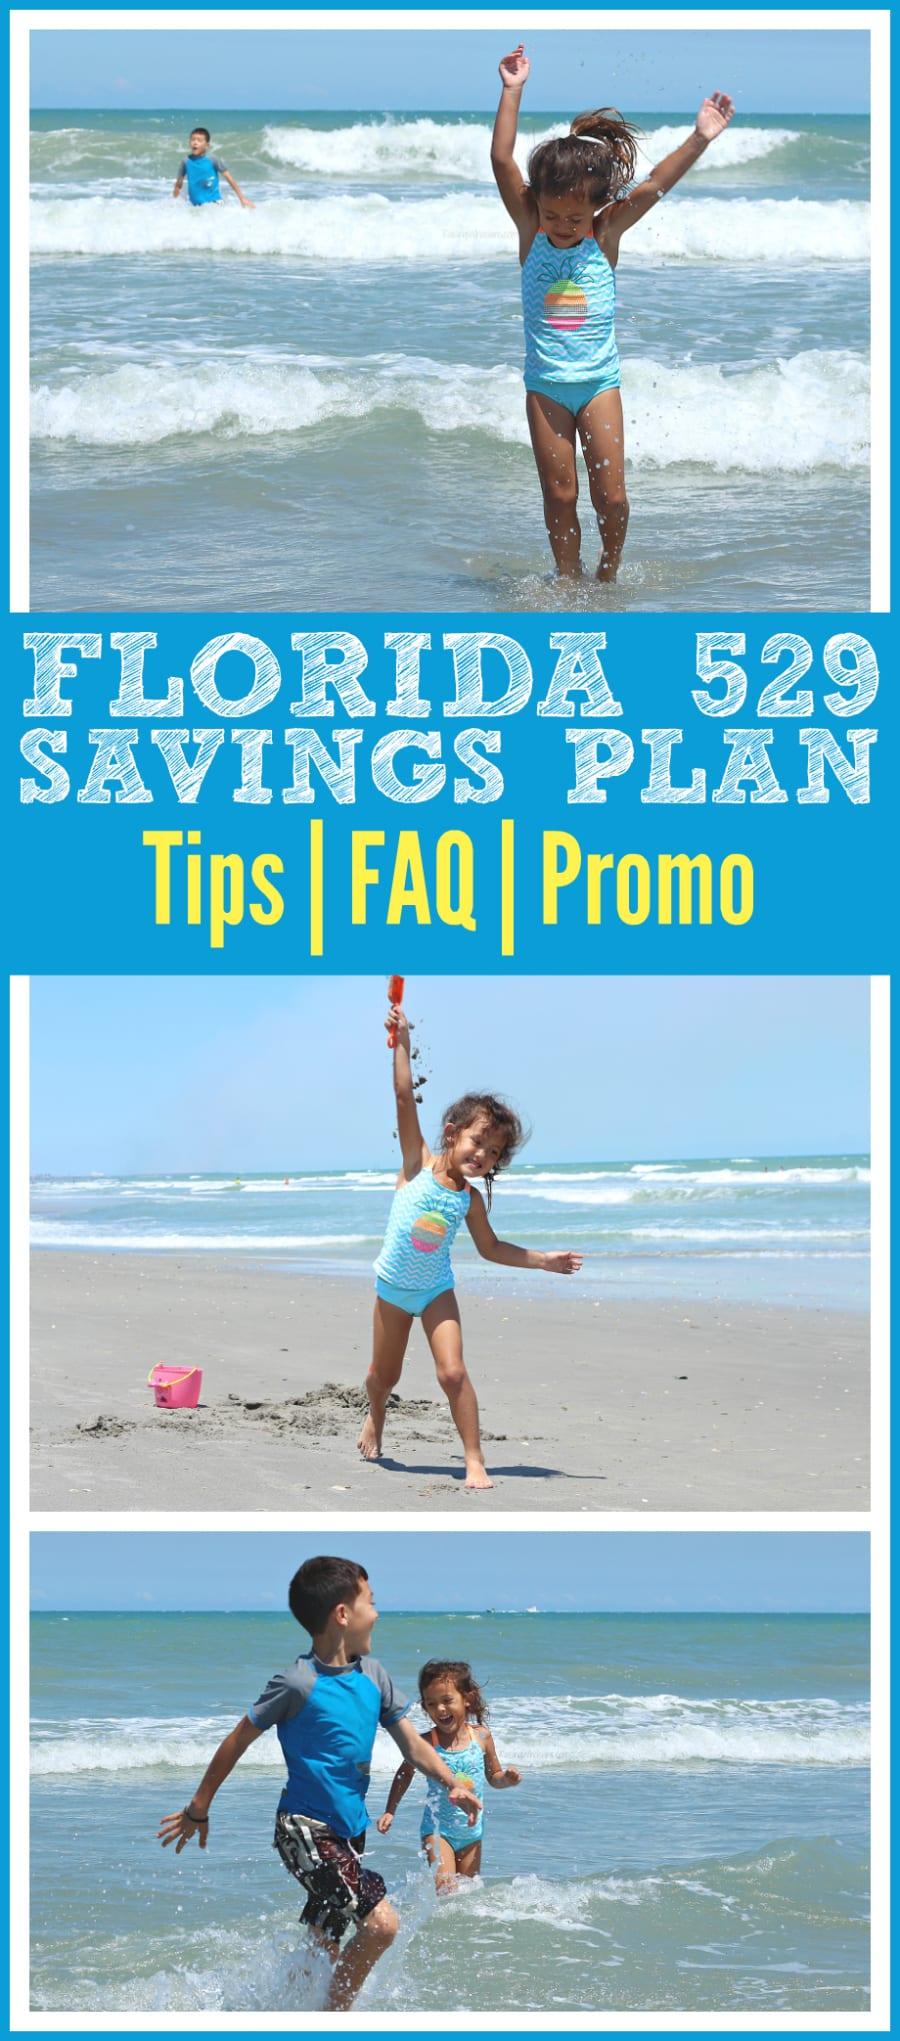 Florida 529 savings plan FAQ